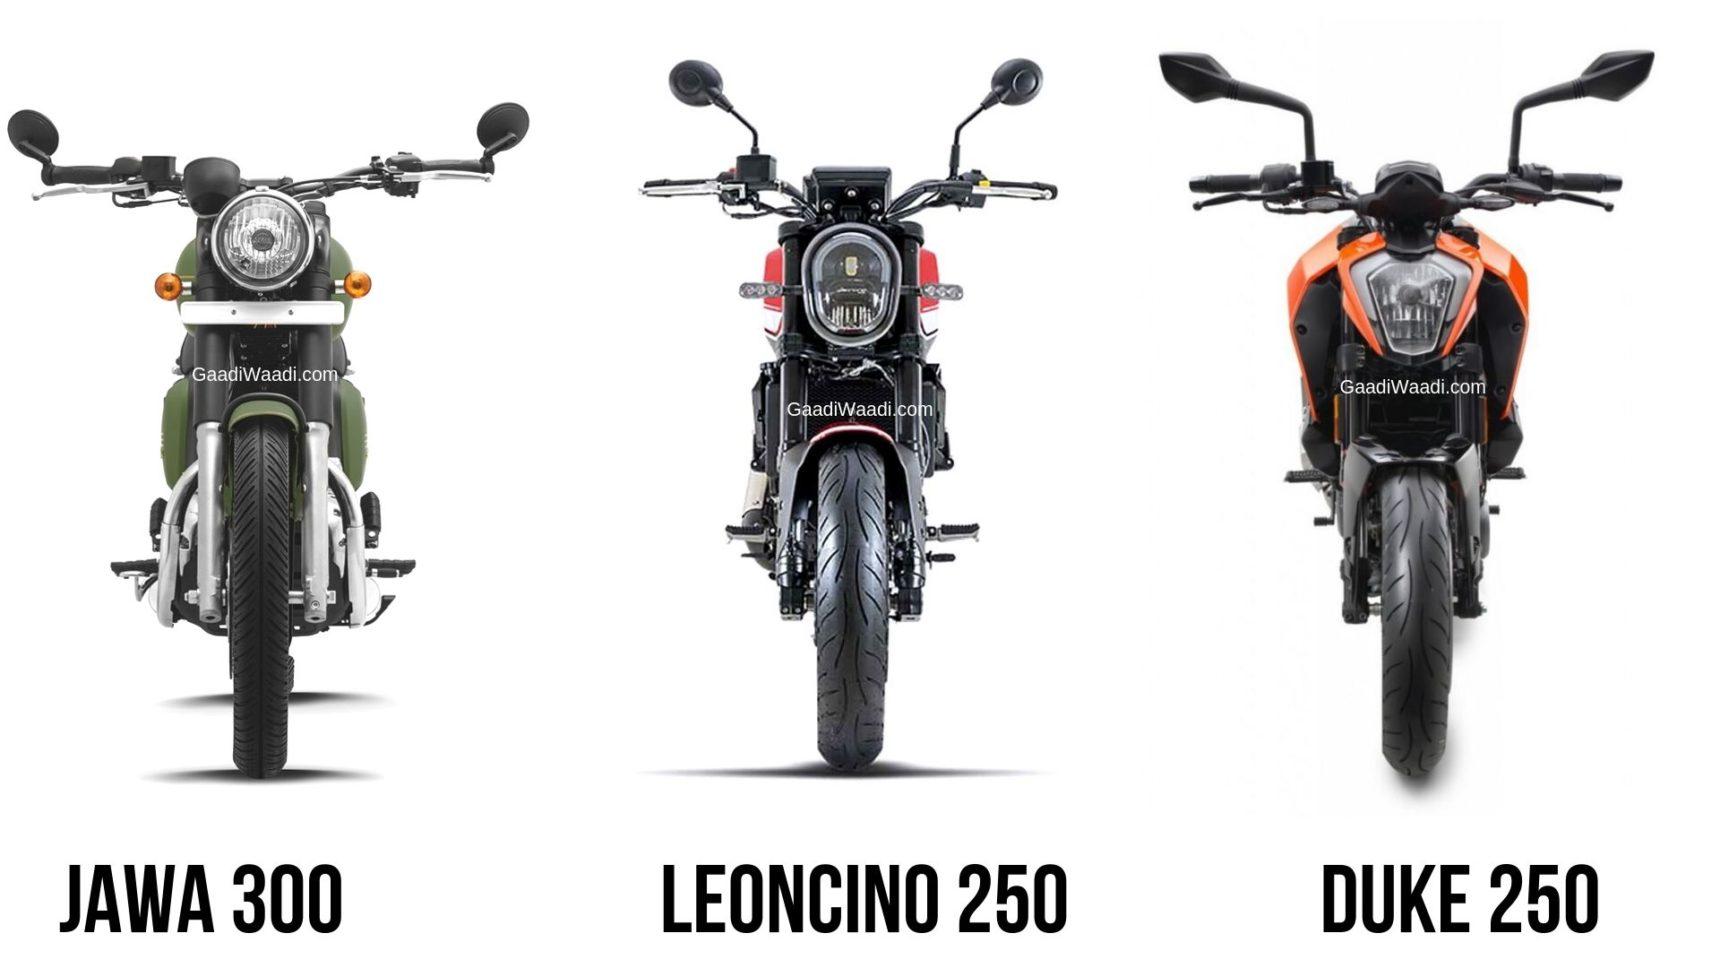 Benelli Leoncino 250 Vs Jawa 300 Vs KTM 250 Duke 2